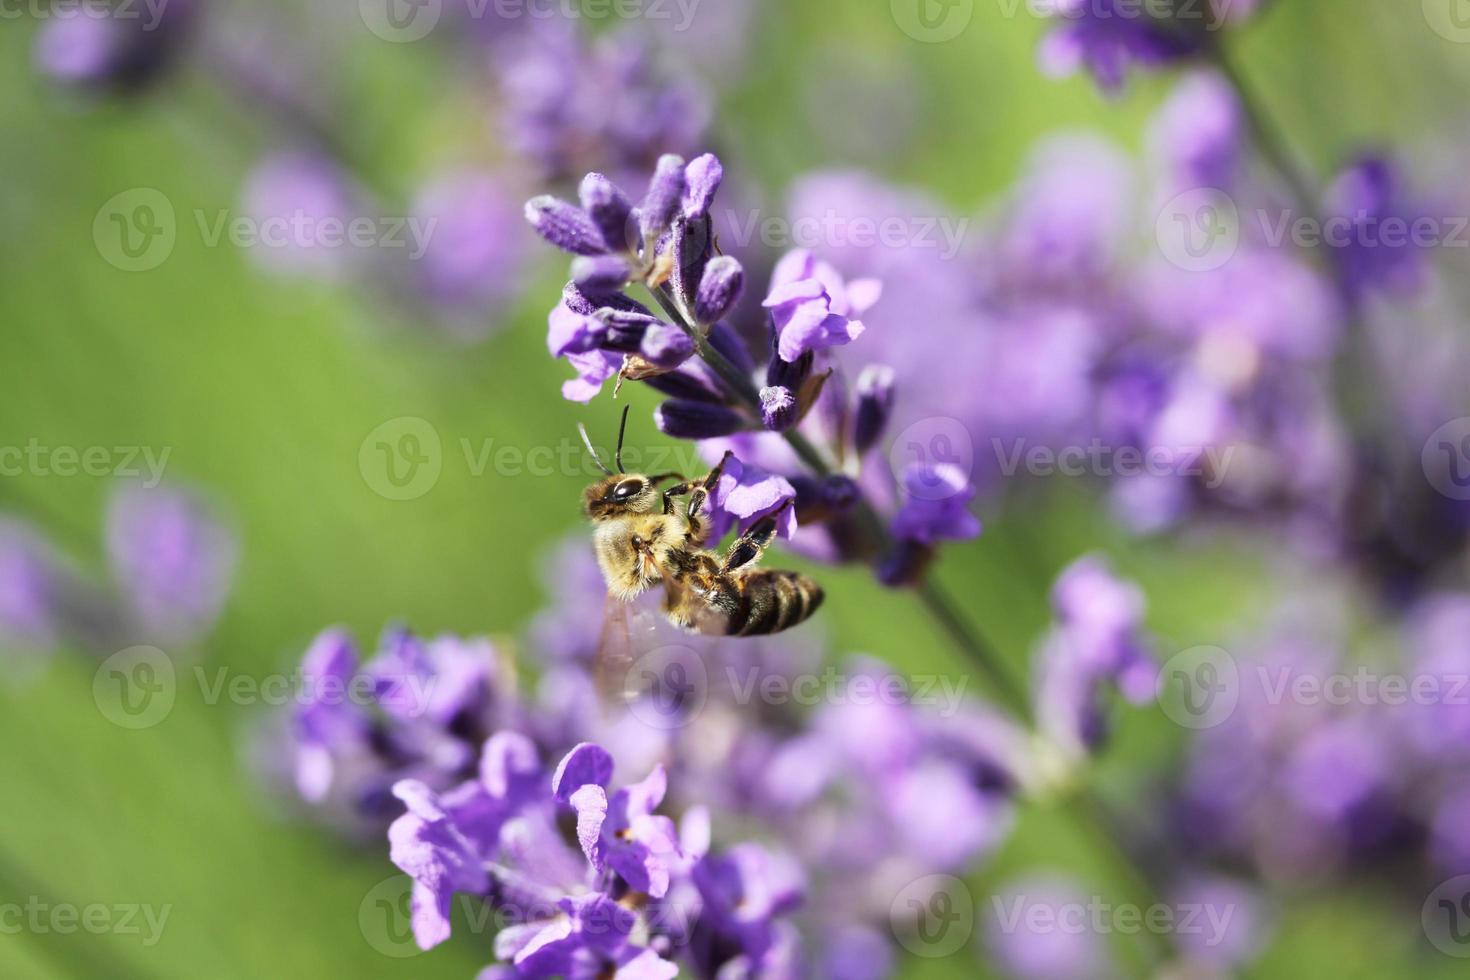 honingbij op lavendel bloem. honingbij verzamelt stuifmeel. foto